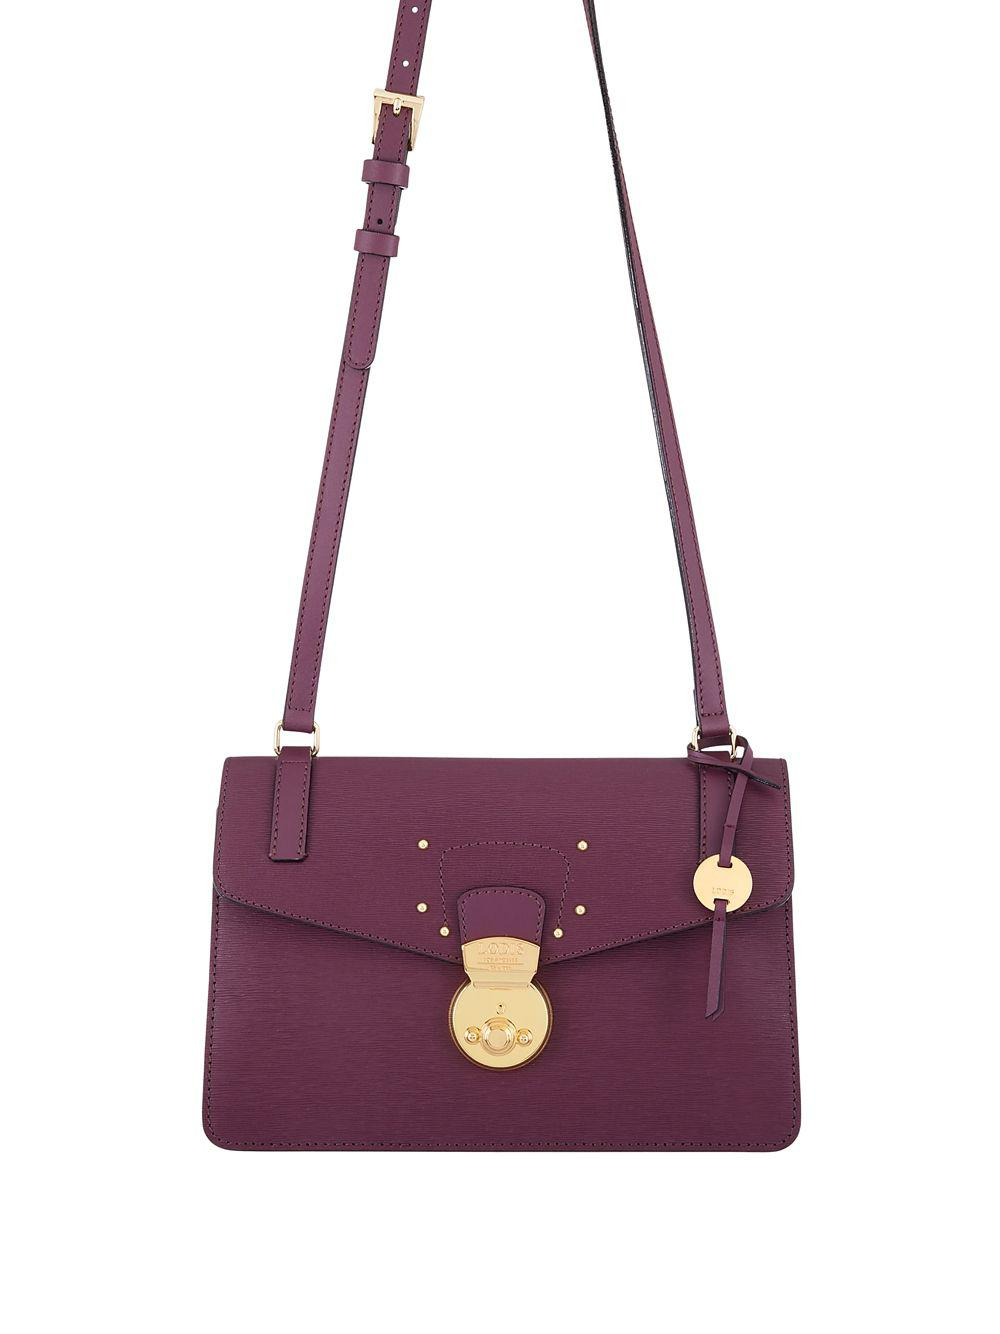 2404579cb5 Lyst - Lodis Bel Air Rfid Abigail Leather Crossbody Bag in Purple